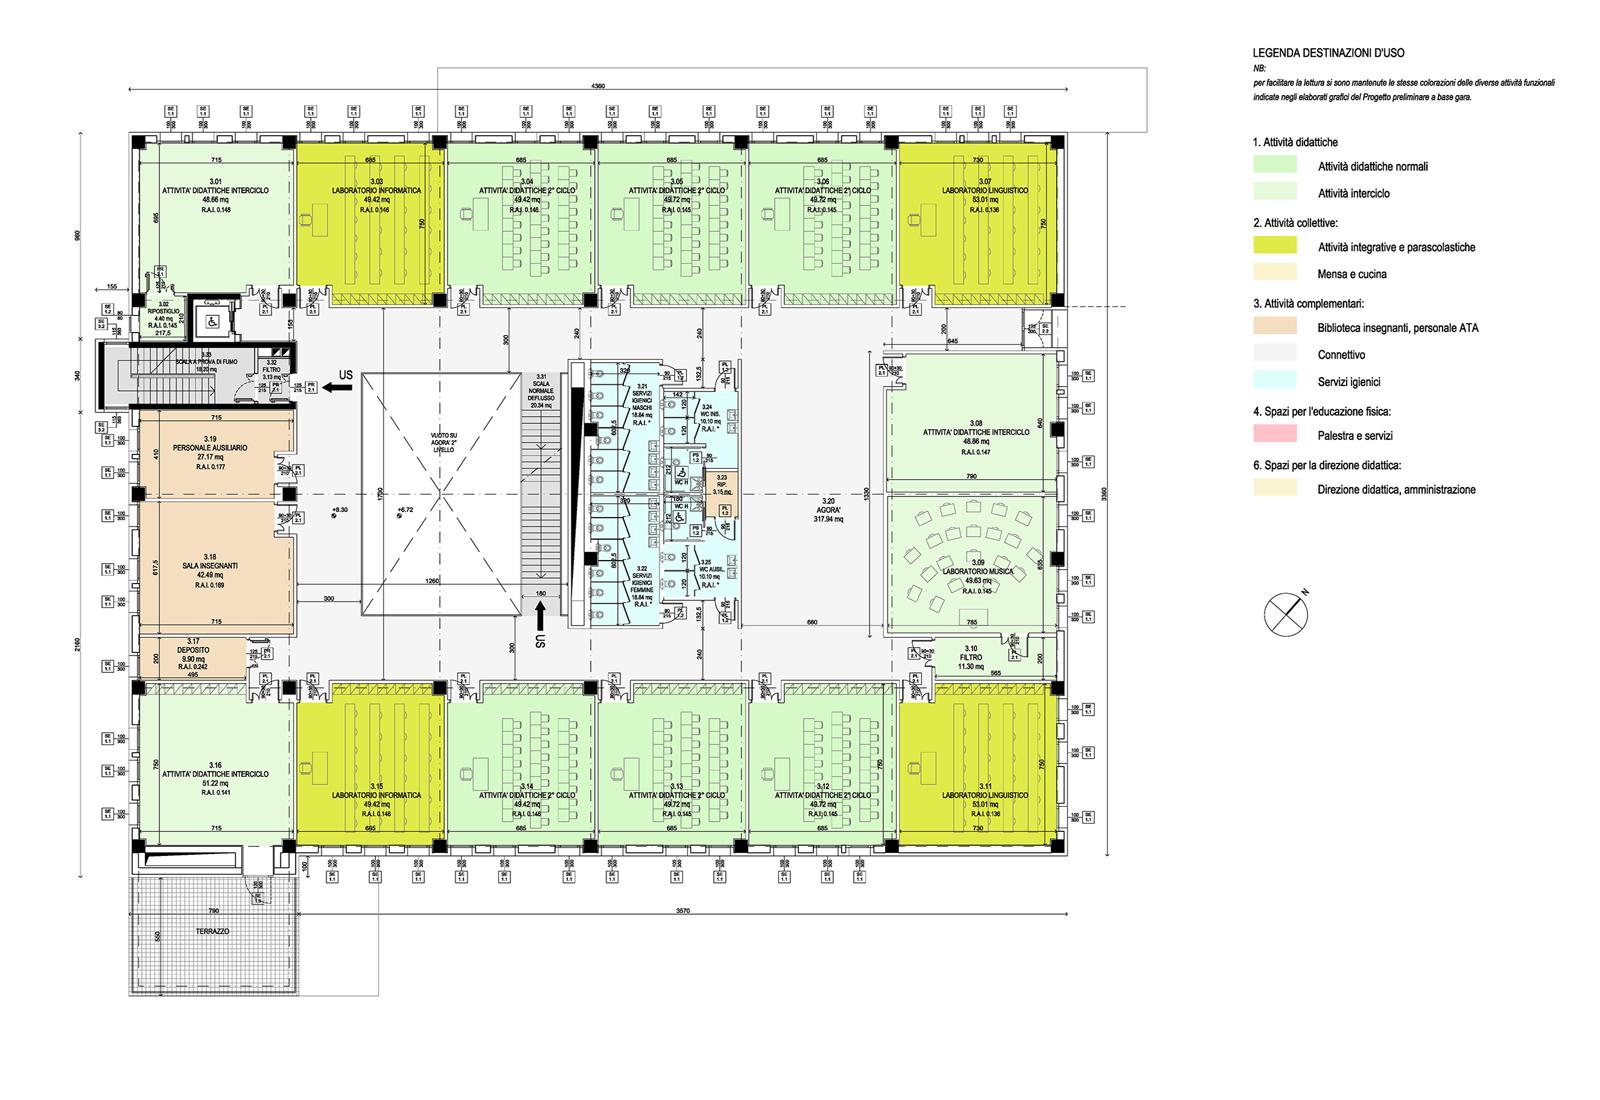 Scuola elementare a Gravedona - Pianta 3° livello